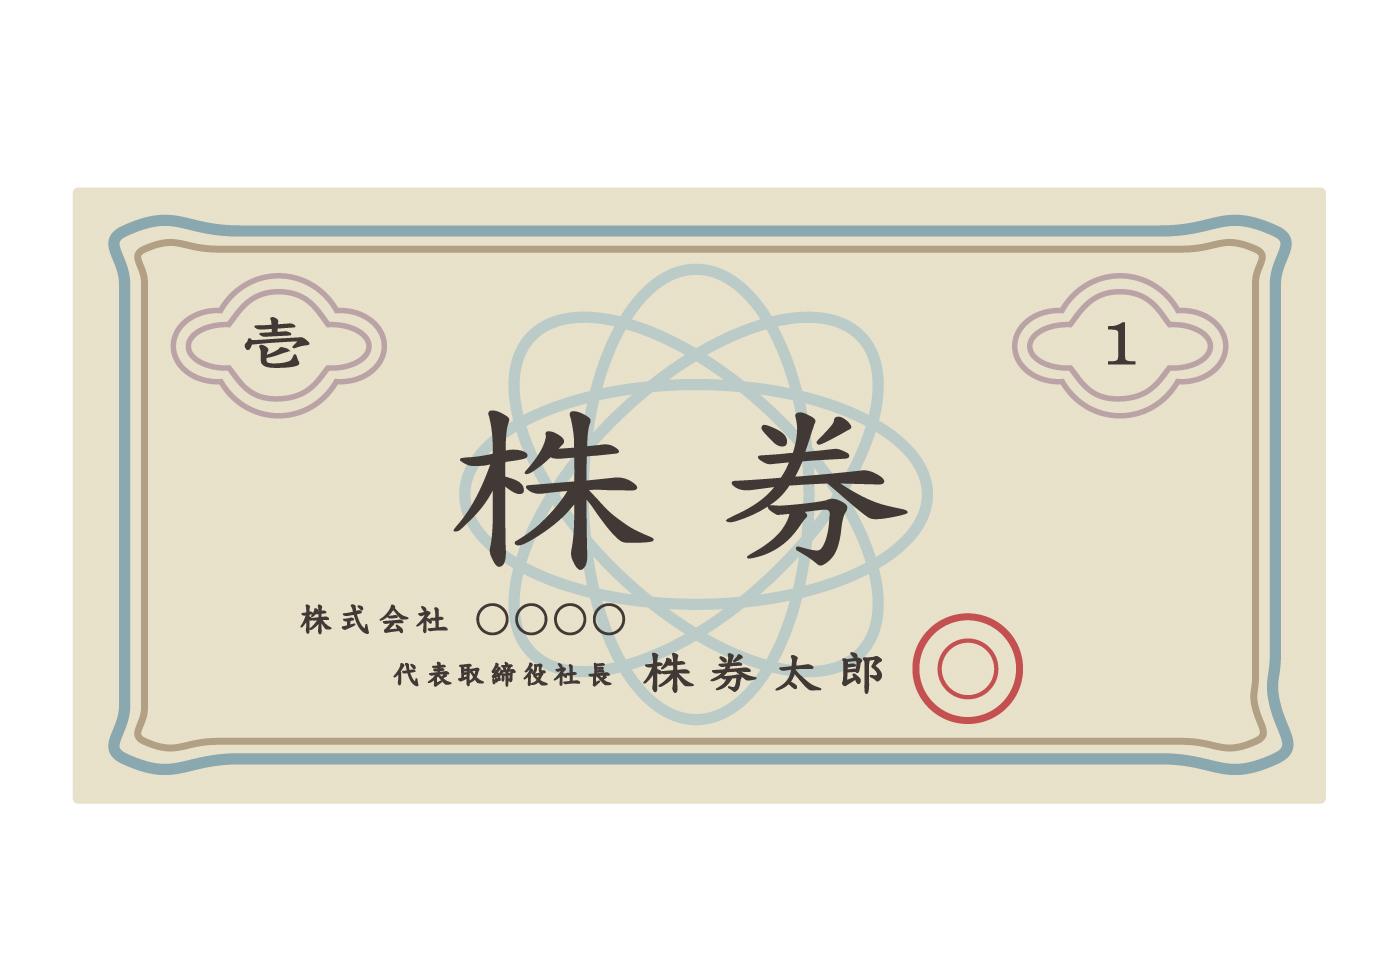 株式.jpg